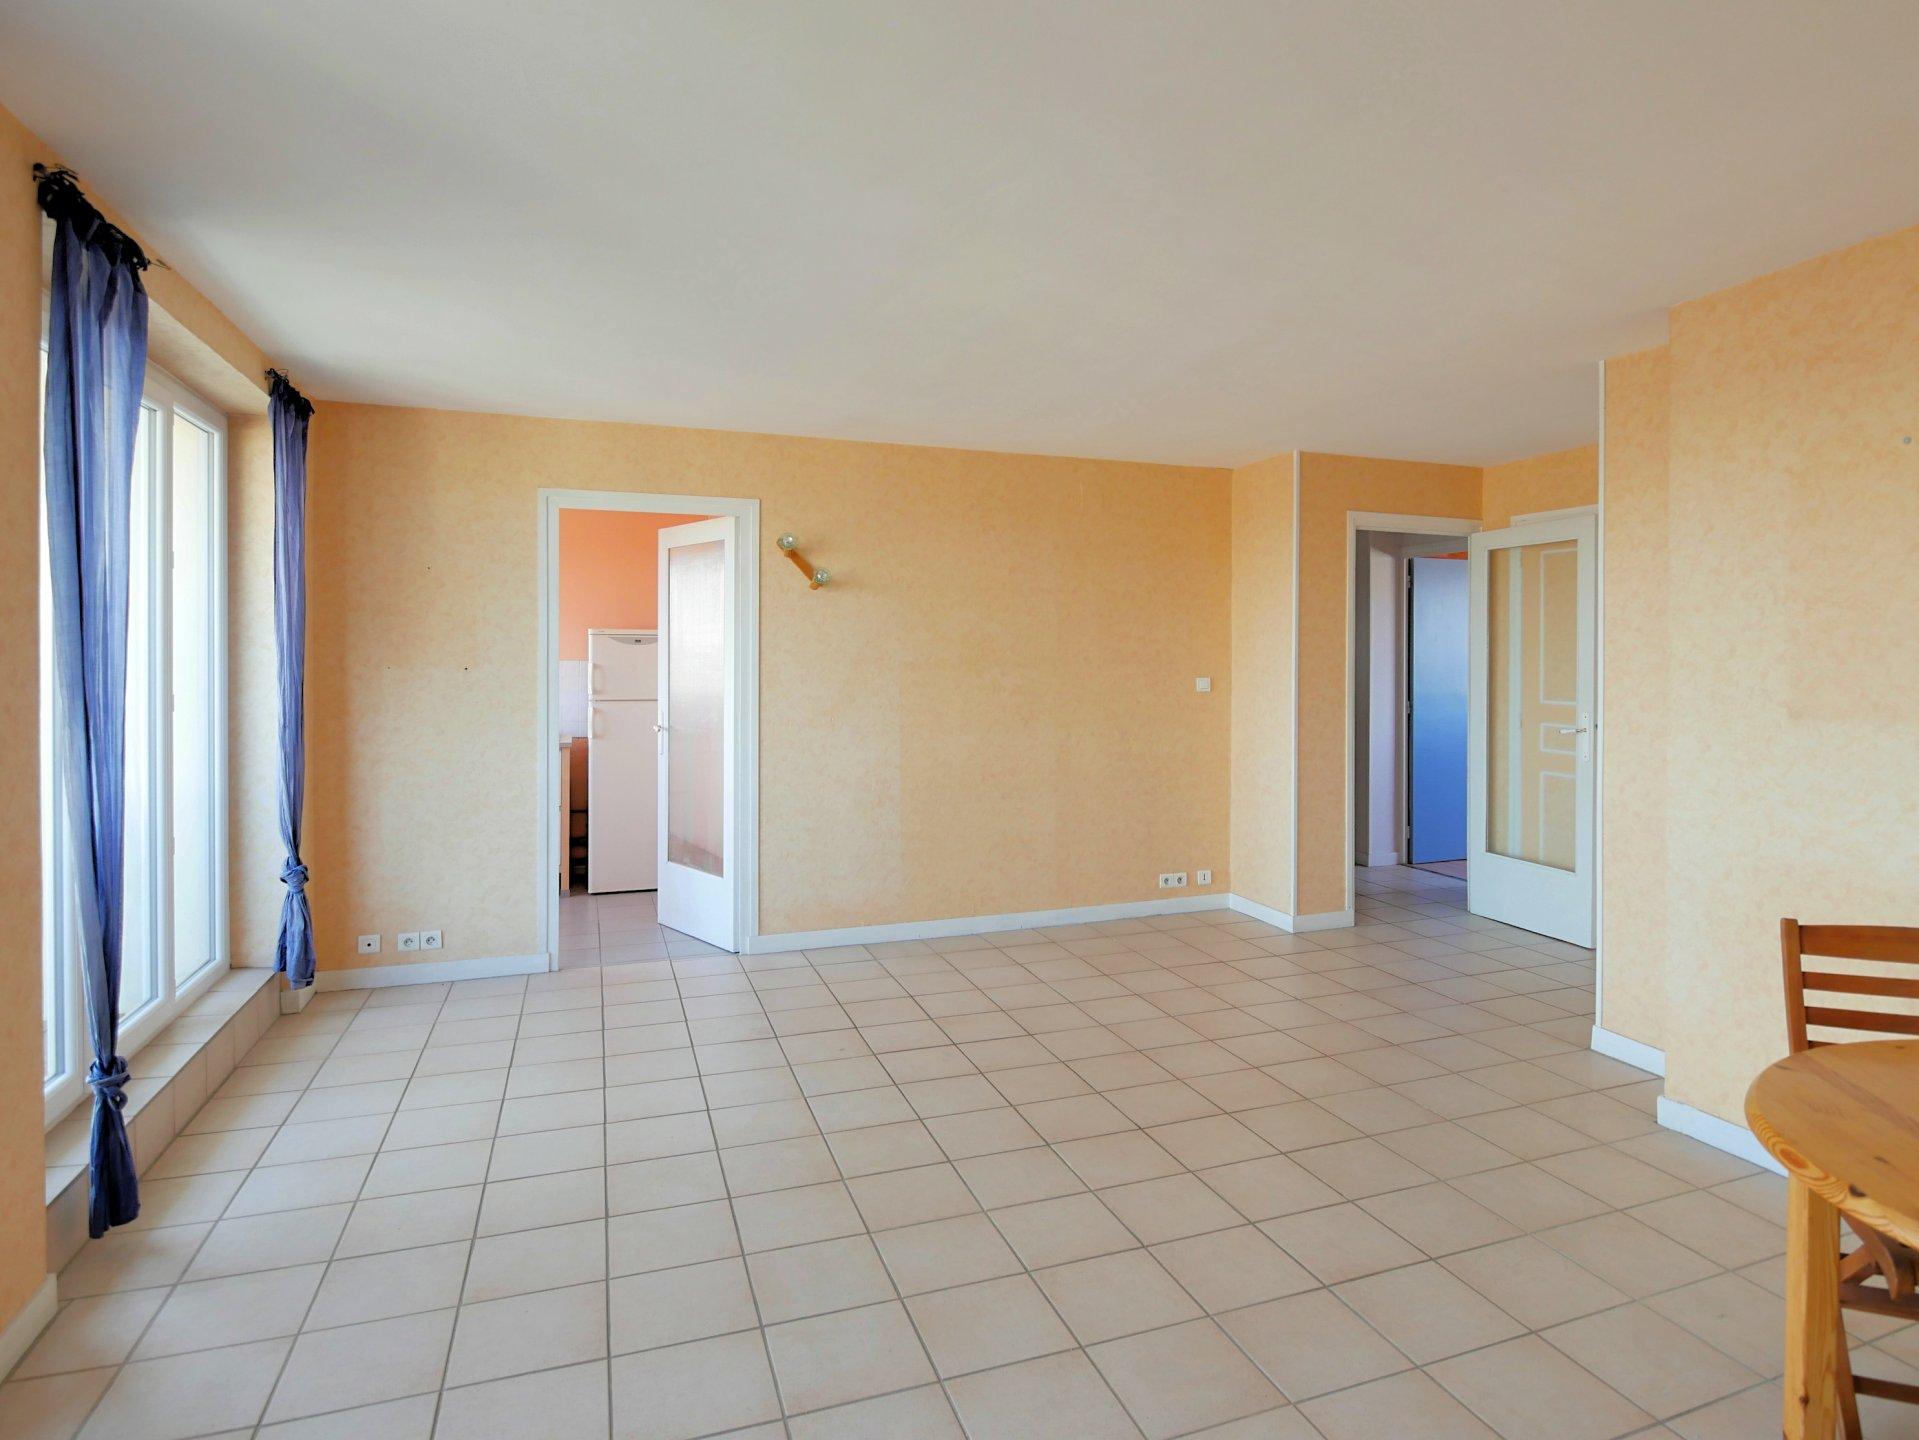 Découvrez cet appartement 3 pièces de 65 m², situé au 5ème et dernier étage, bénéficiant d'une vue dégagée sans vis-à-vis. Il dispose d'un grand séjour lumineux avec accès au balcon, une cuisine indépendante aménagée, deux chambres avec placards, une salle de bains et toilette indépendant. Cet appartement traversant bénéficie d'une belle luminosité avec son exposition Est et Ouest. Une cave et une place de parking privative viennent compléter ce bien. Vous apprécierez les grands espaces verts au pied de l'immeuble. Il est possible d'aménager une troisième chambre dans le séjour. Idéal pour un premier achat ou un investissement locatif. Pas d'ascenseur dans l'immeuble. Rafraîchissement à prévoir. Bien soumis au régime de la copropriété, nombre de lots 317, montant des charges 140 euros par mois comprenant le chauffage au sol, l'entretien des parties communes, les espaces verts, le gardien. Honoraires à la charge du vendeur.